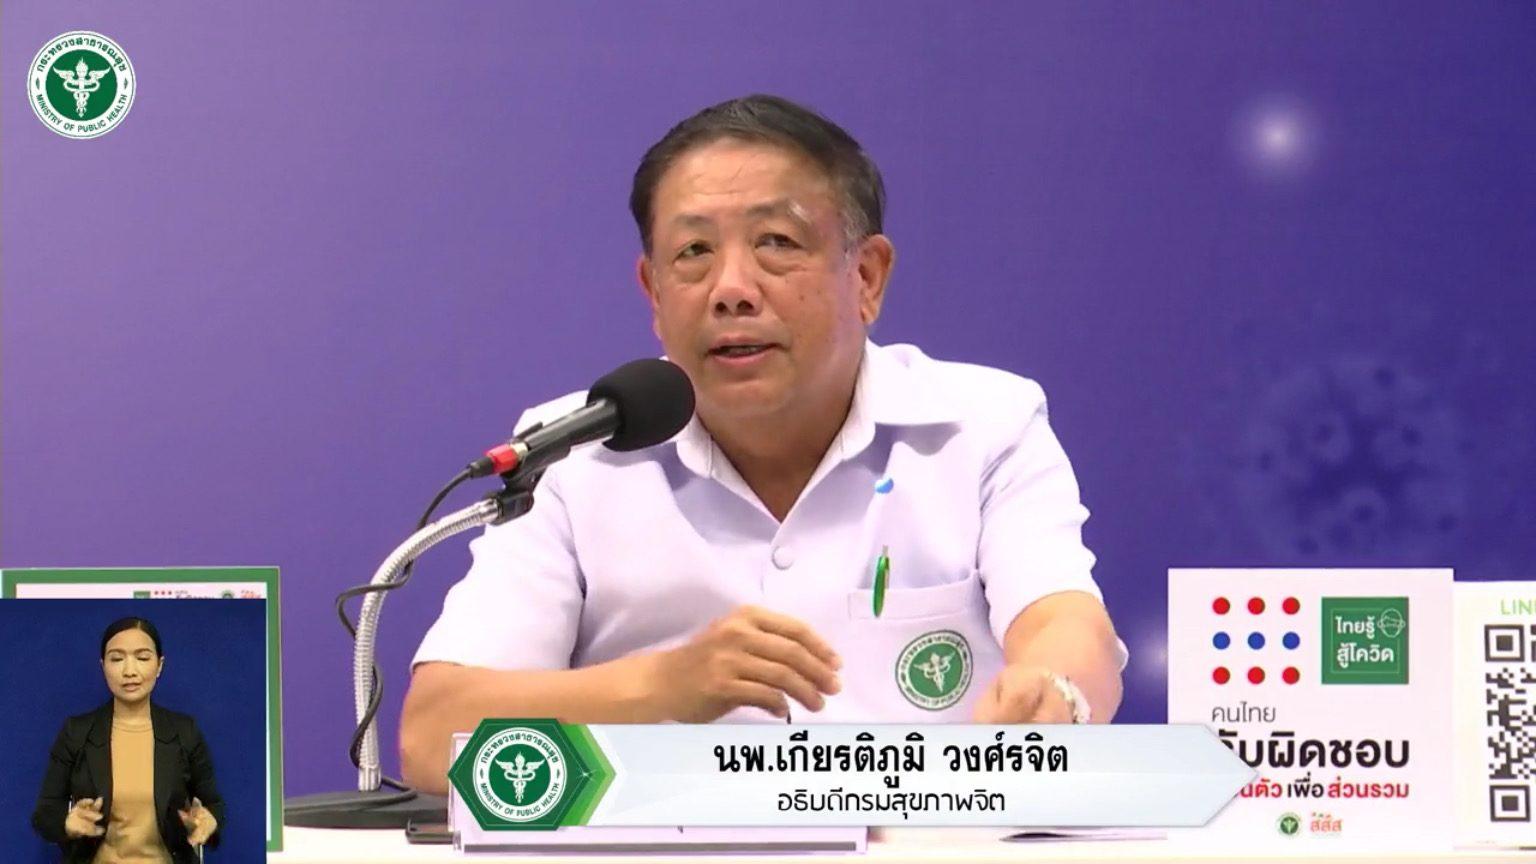 กรมสุขภาพจิต เผย ผลสำรวจอุณหภูมิใจ ครั้งที่ 4 คนไทยเครียดน้อยลง